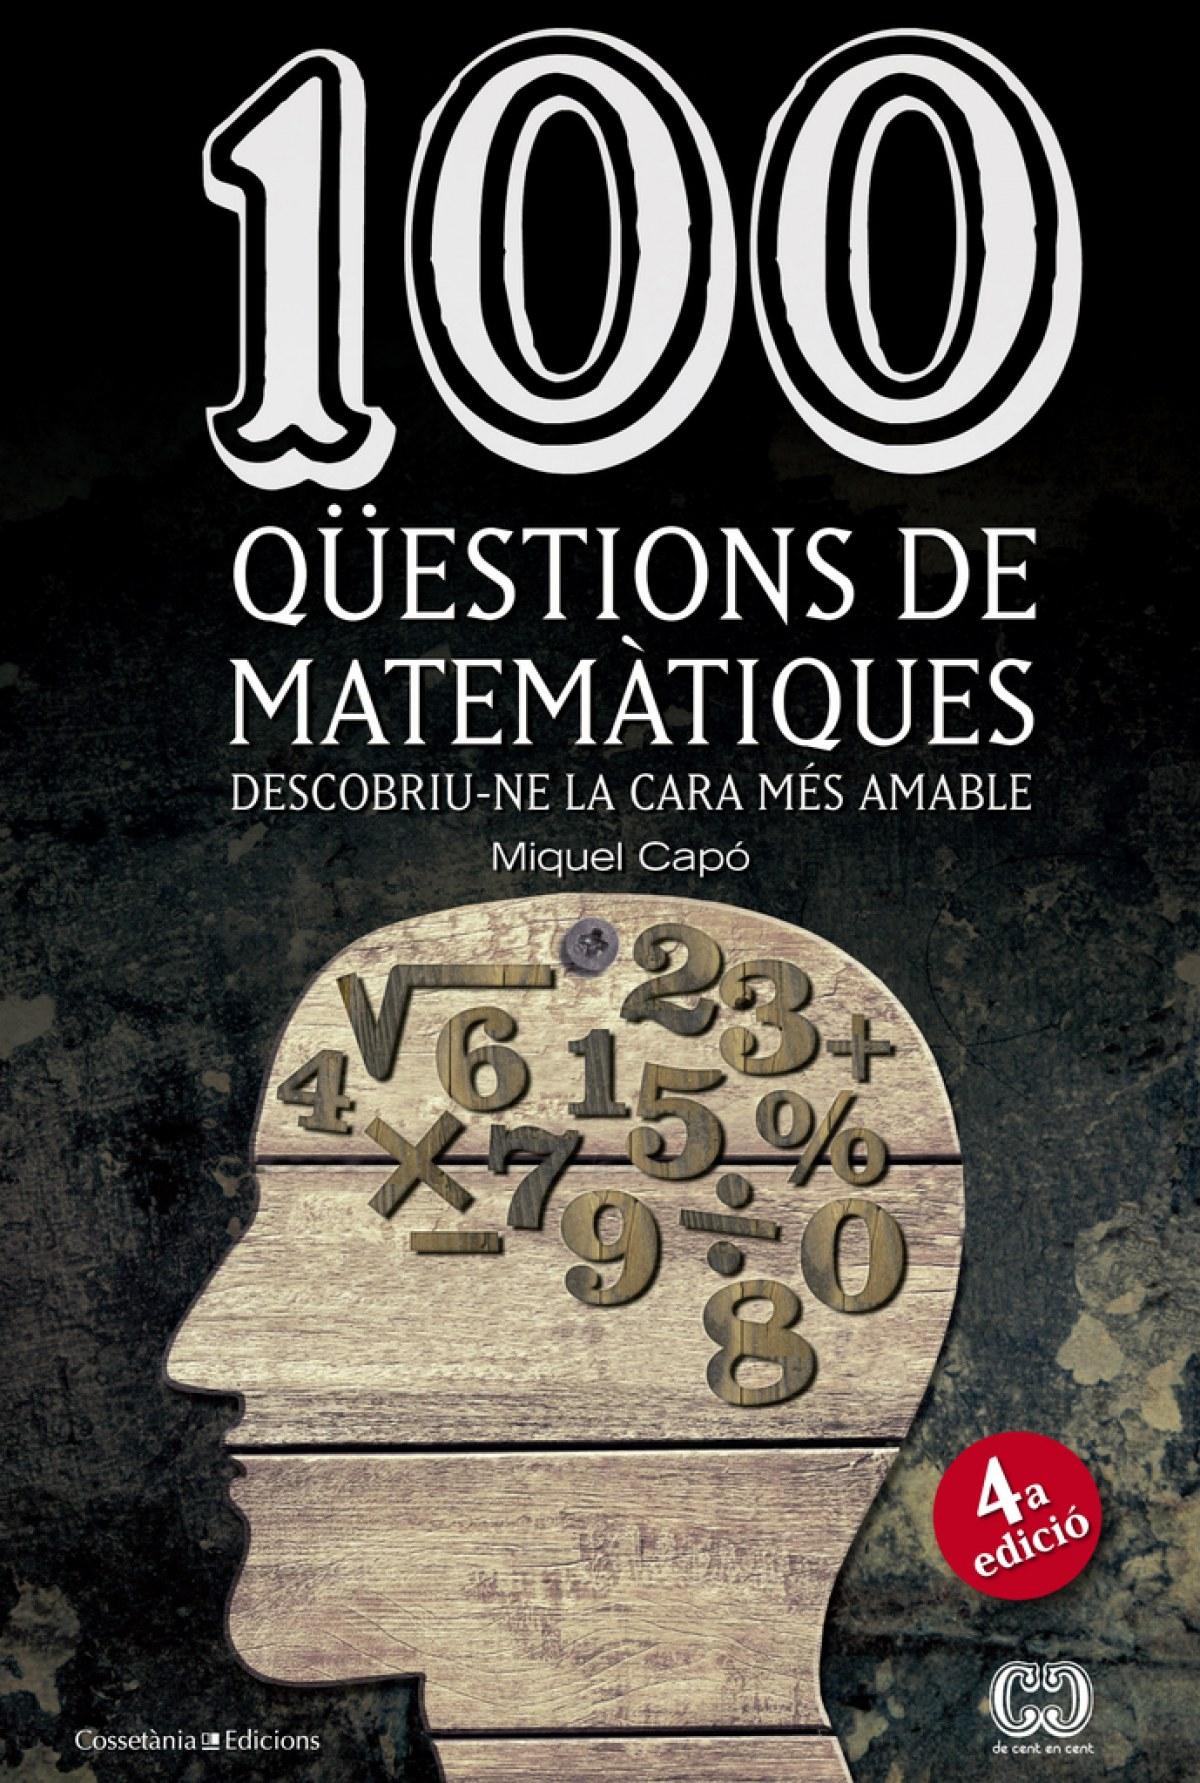 100 qüestions de matemàtiques 9788490341919